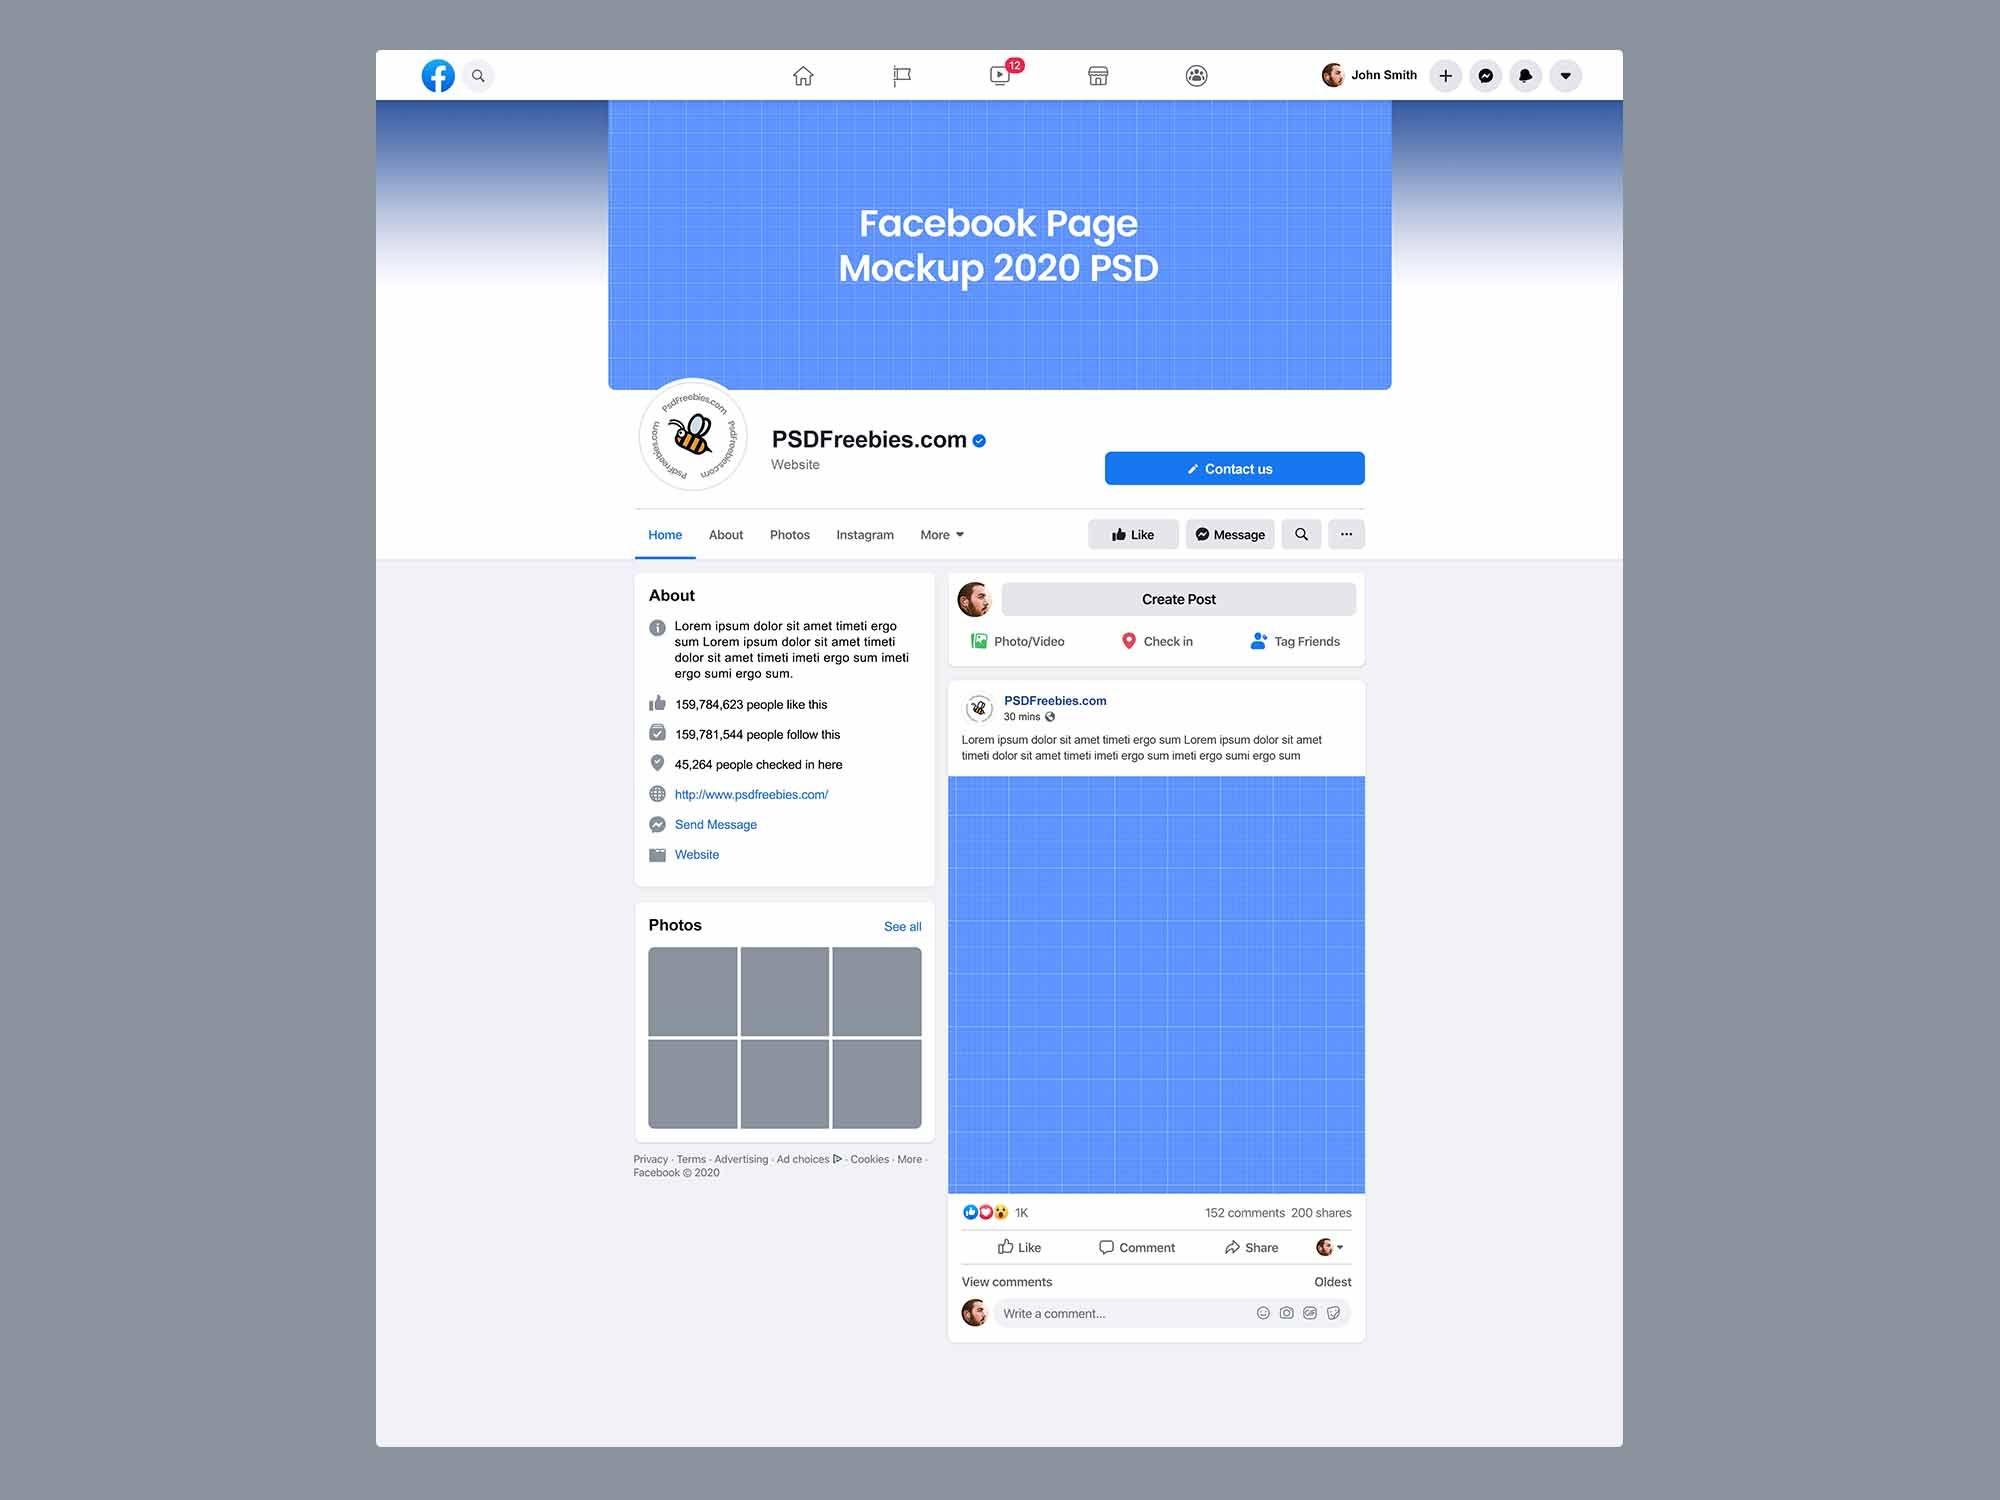 Facebook Page Mockup 2020 New Design Psd Facebook Page Mockup Business Card Mock Up Mockup